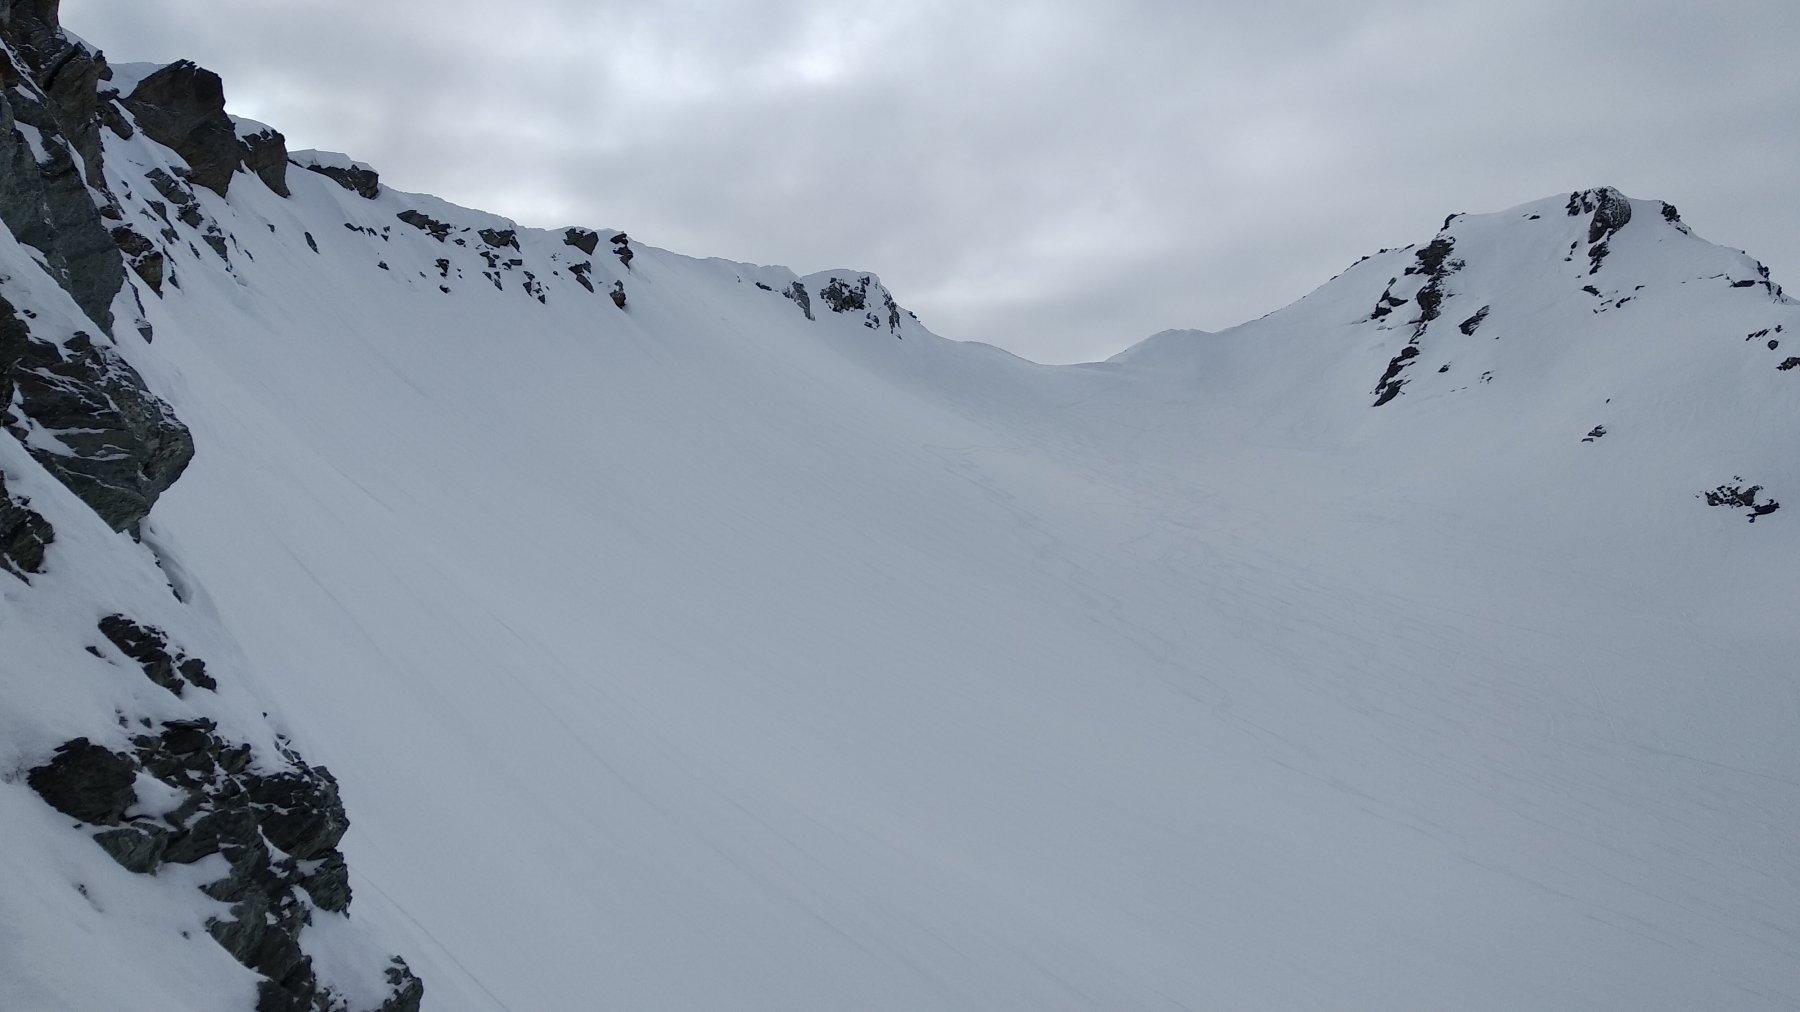 breve pendio ripido per collegarsi al classico itinerario che sale alla cima